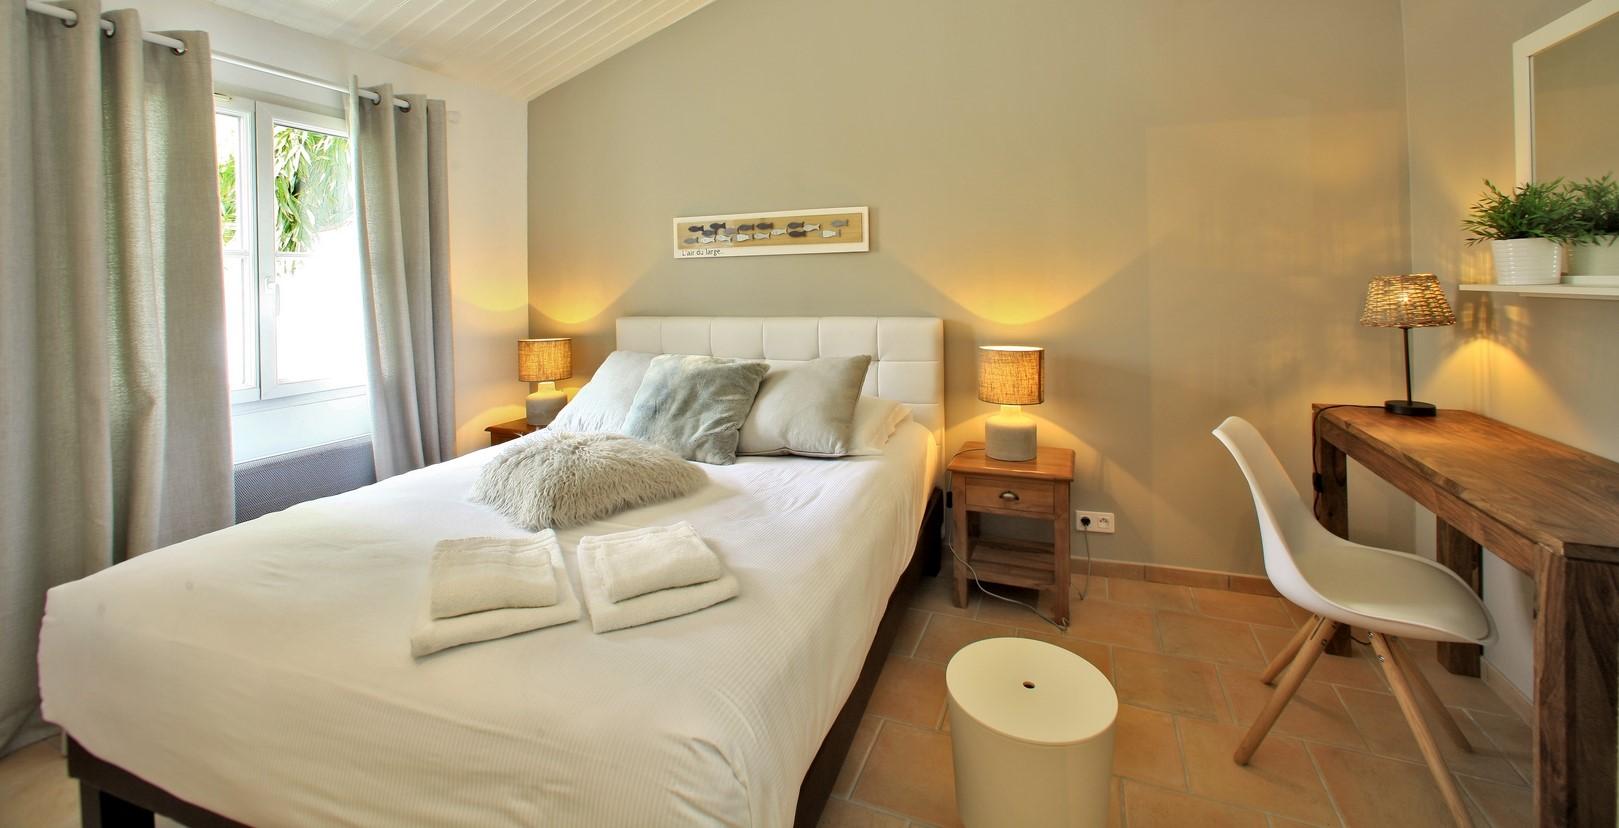 Chambre double spacieuse avec lit de 160 cm